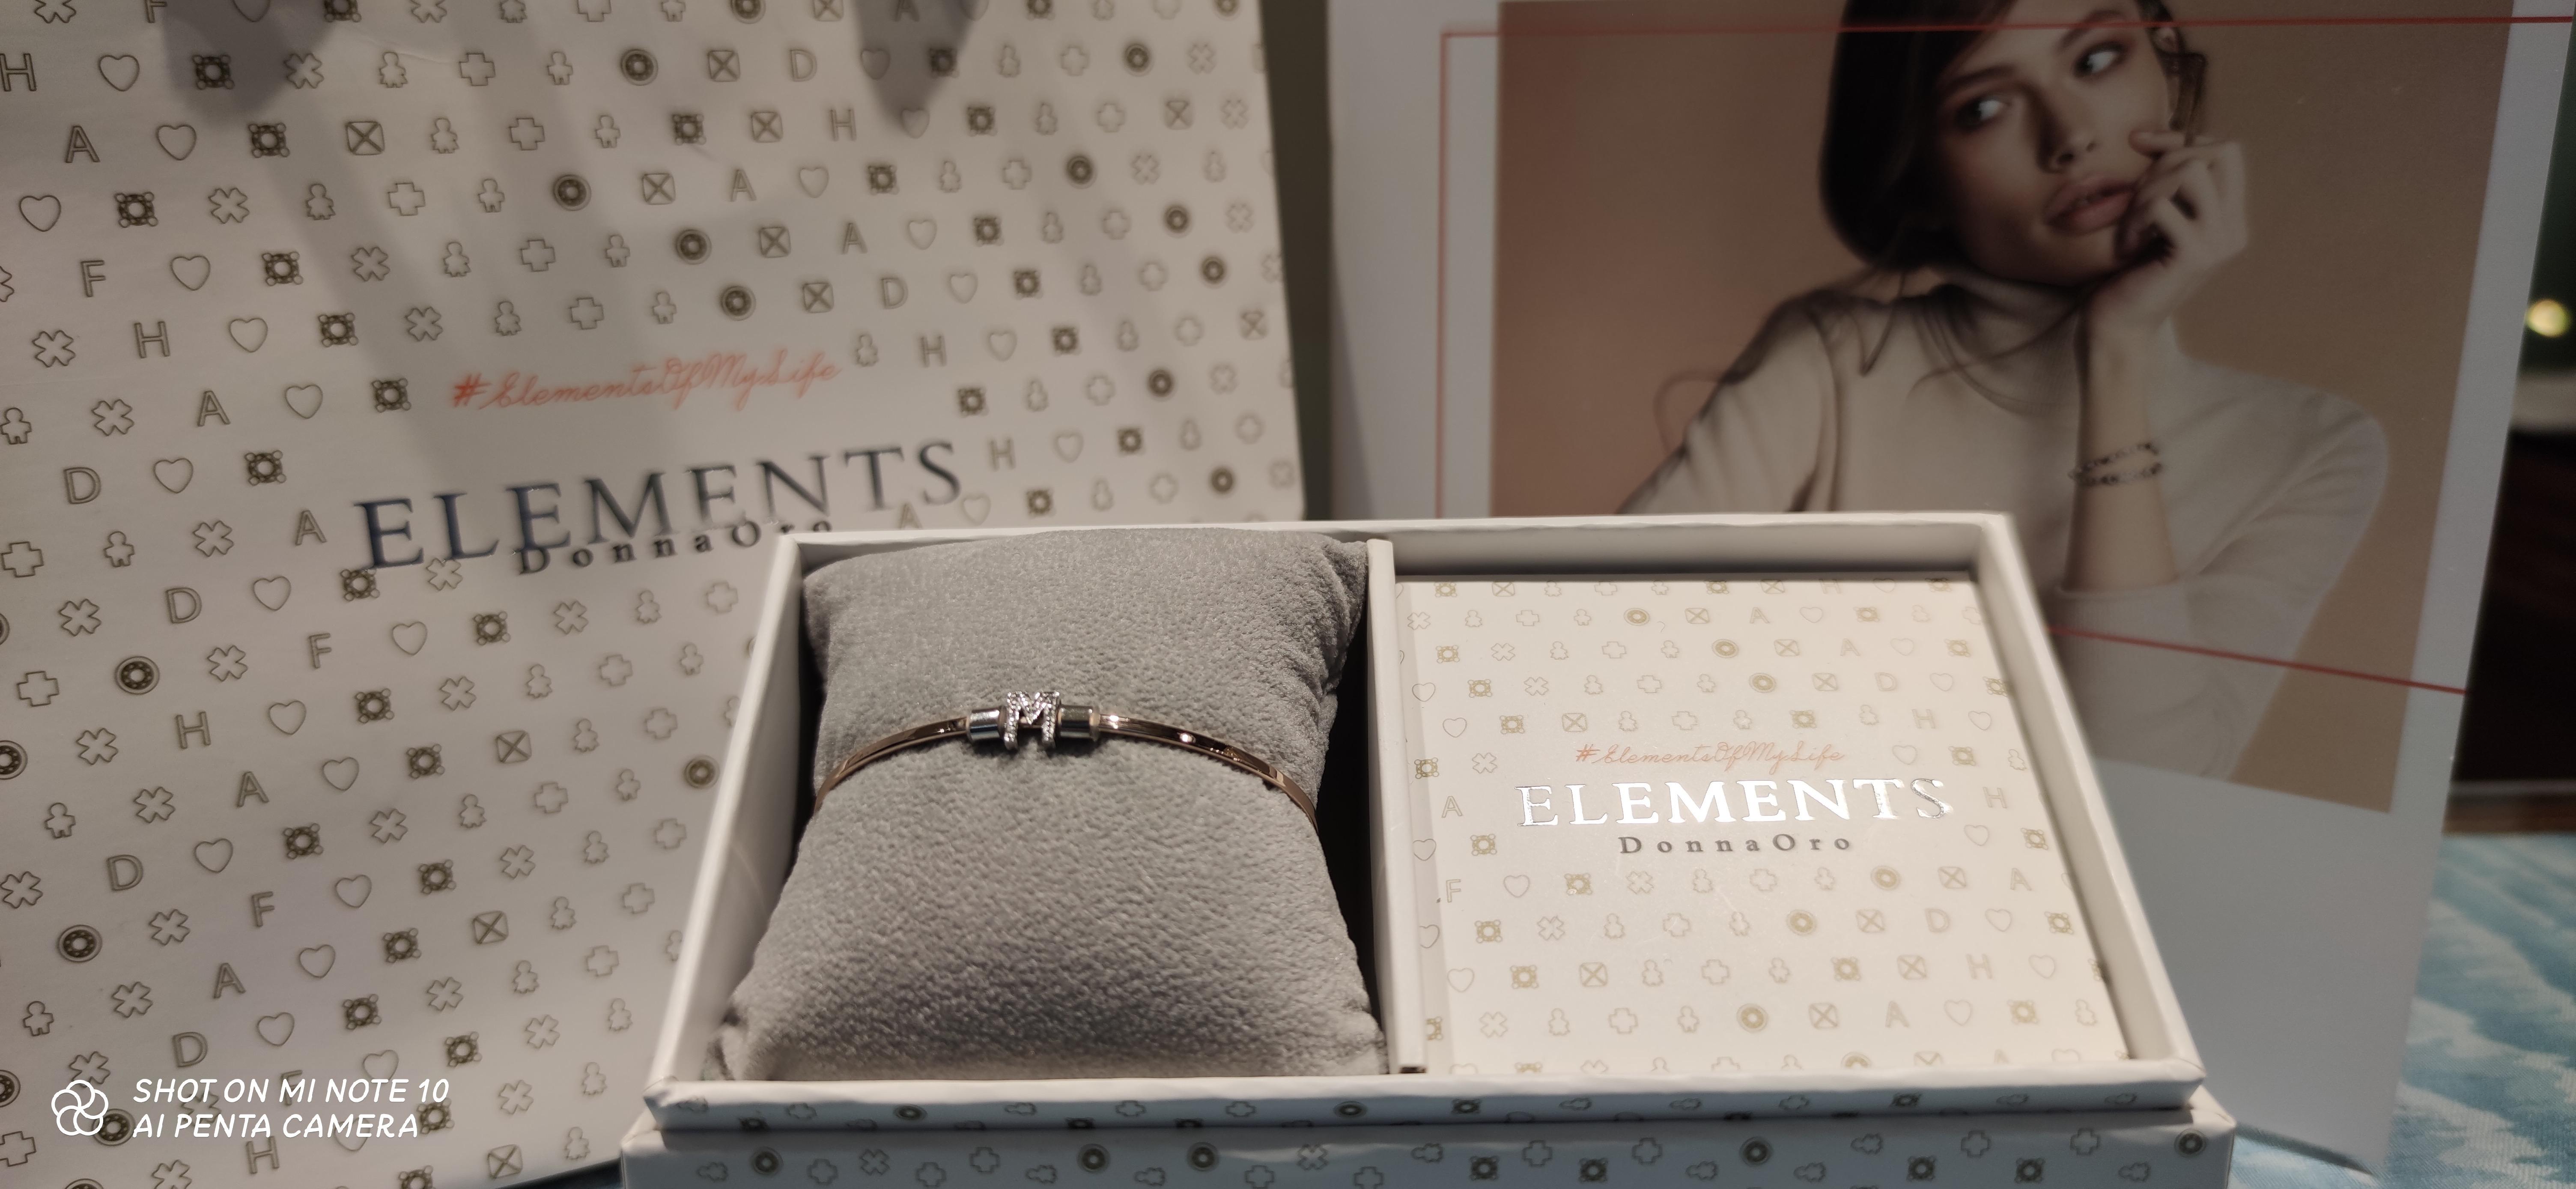 Bracciale Elements Donnaoro con Iniziale M in Oro bianco e diamanti